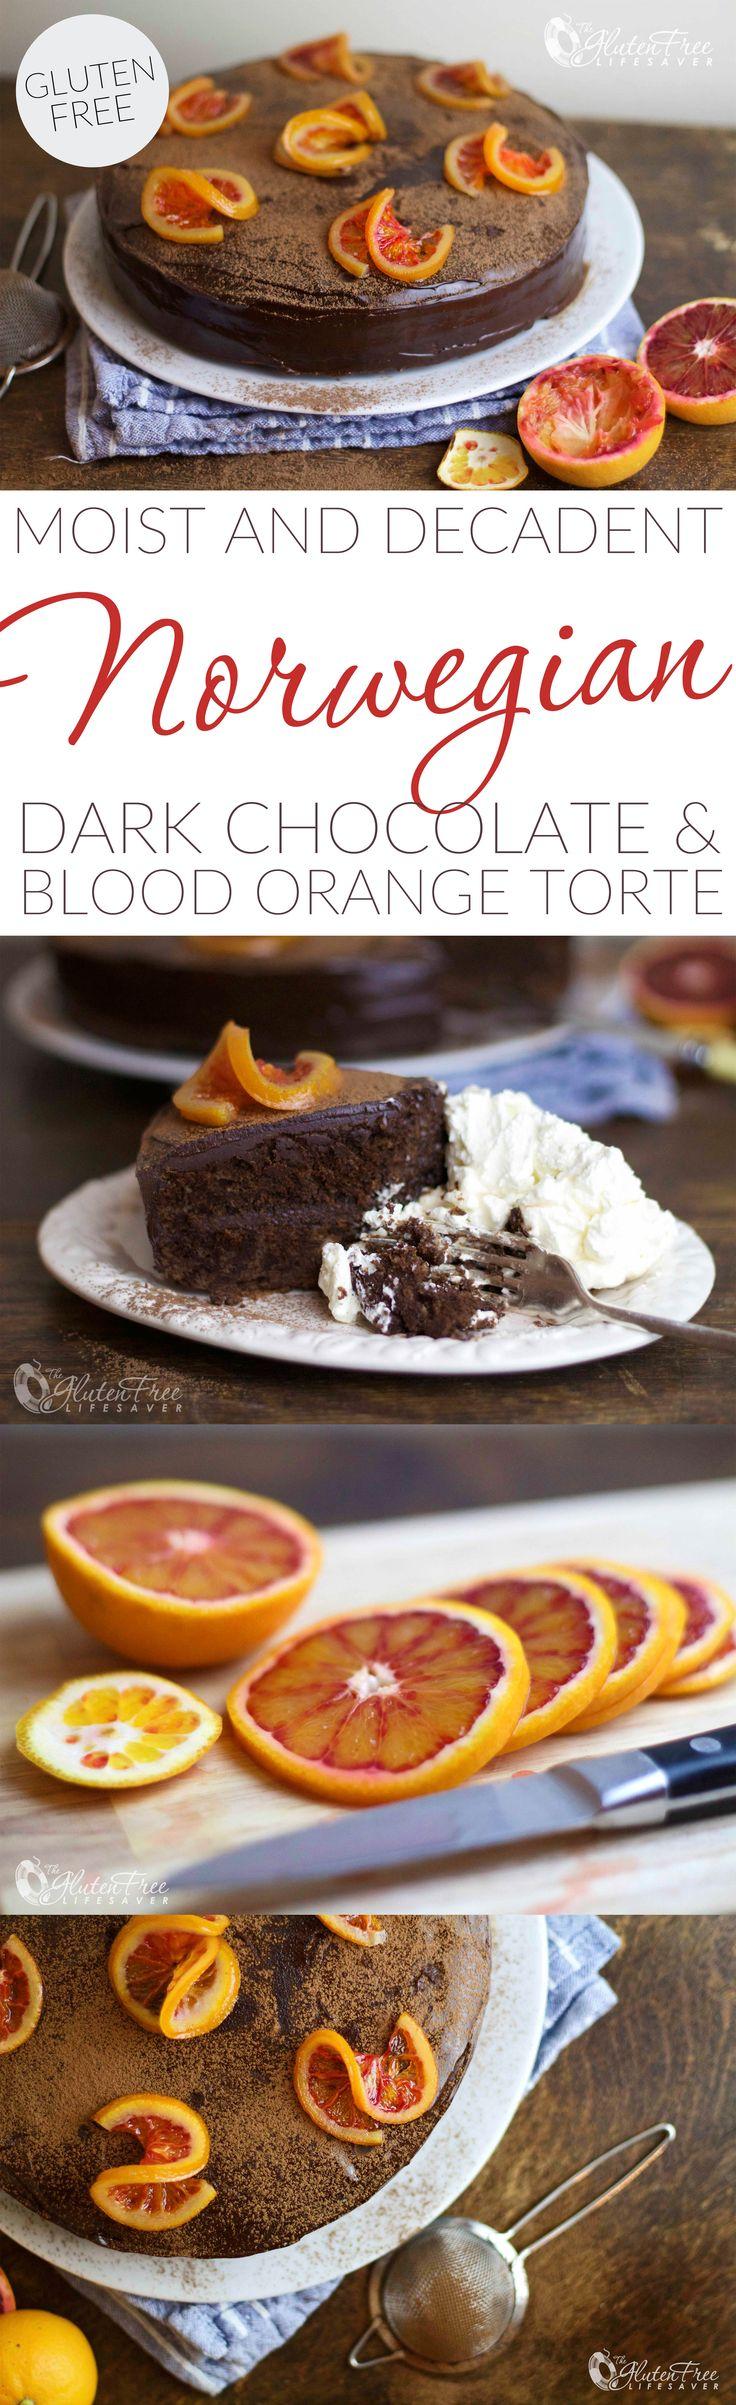 Decadent Gluten-Free Norwegian Dark Chocolate and Blood Orange Torte